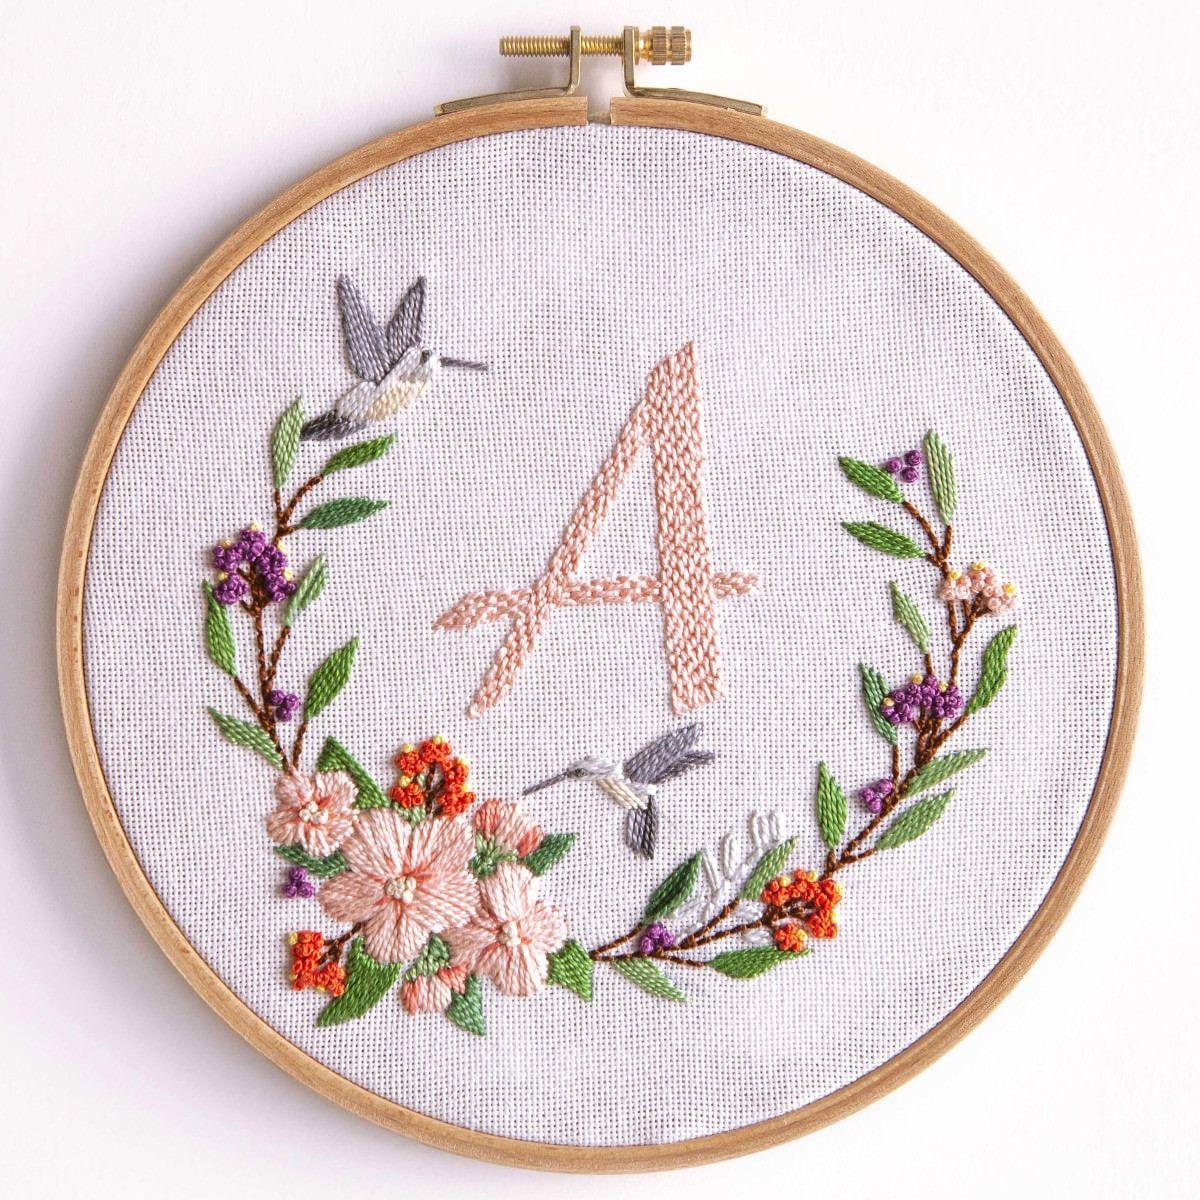 Blumenkranz - Mit Alphabet {Stickpackung} | Alphabet Sticken für Blume Mit 6 Buchstaben